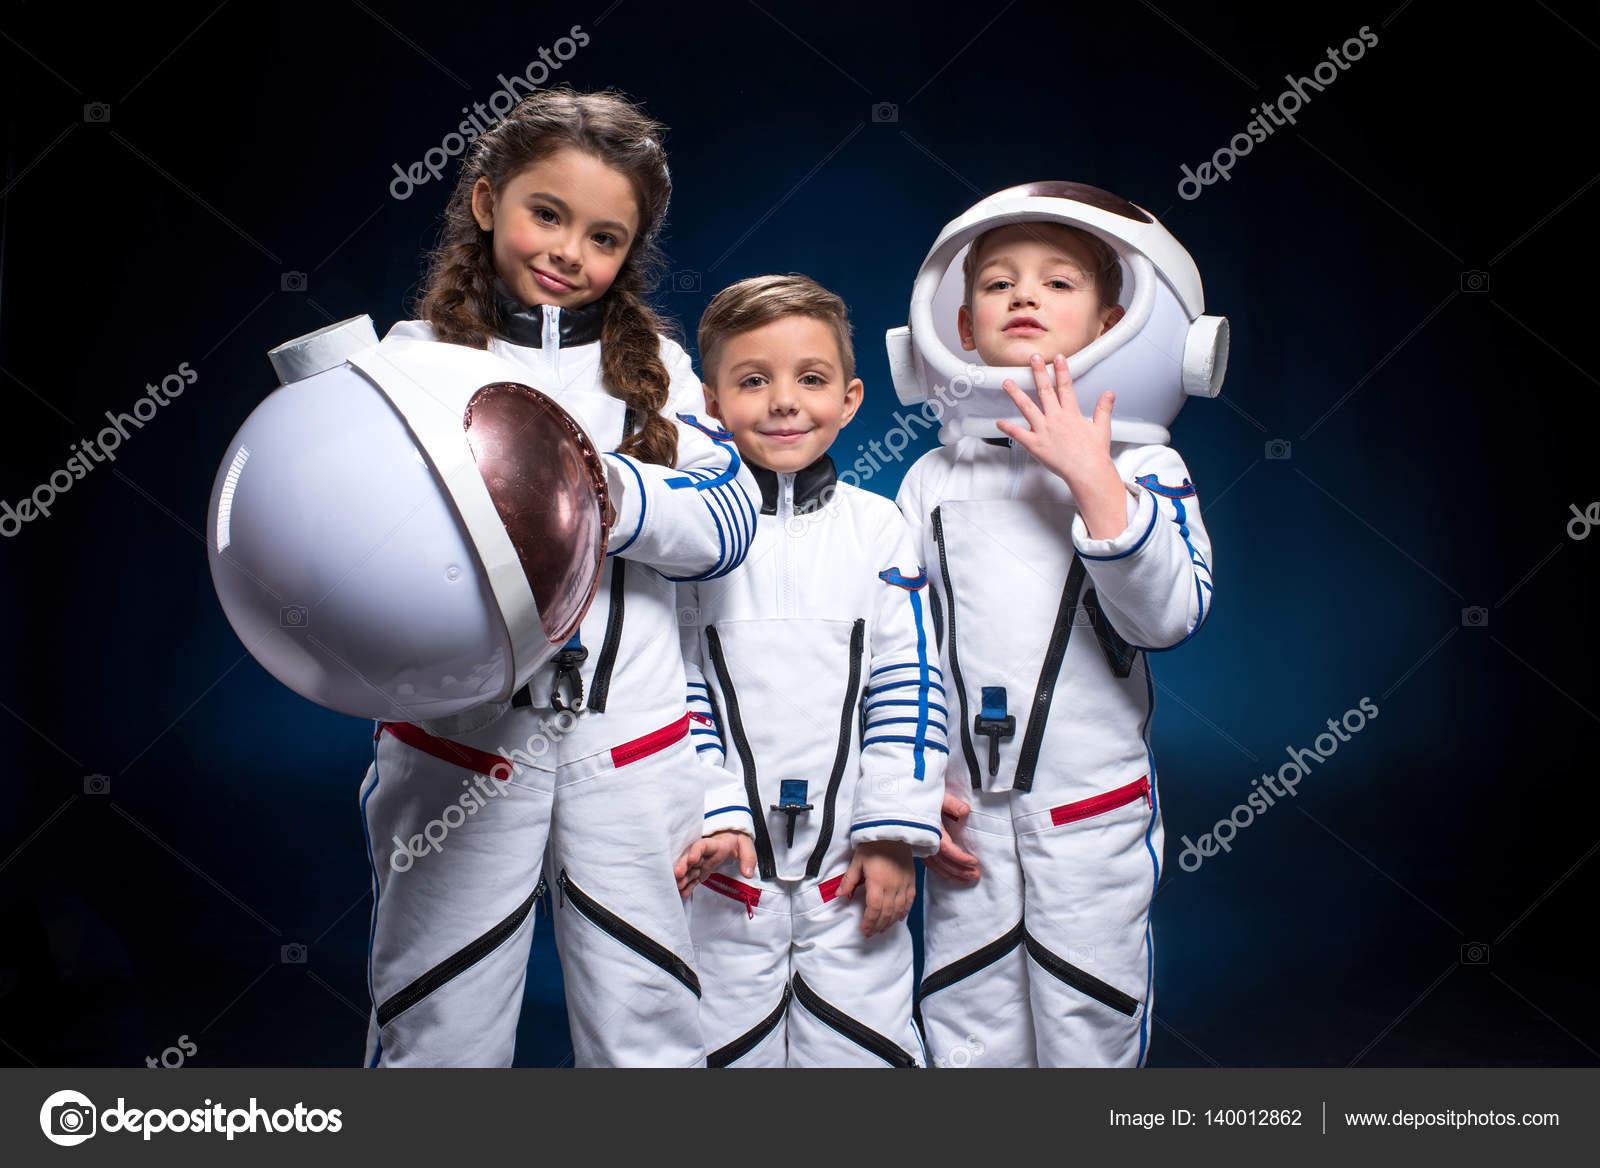 Kids in space suits — Stock Photo © NatashaFedorova #140012862